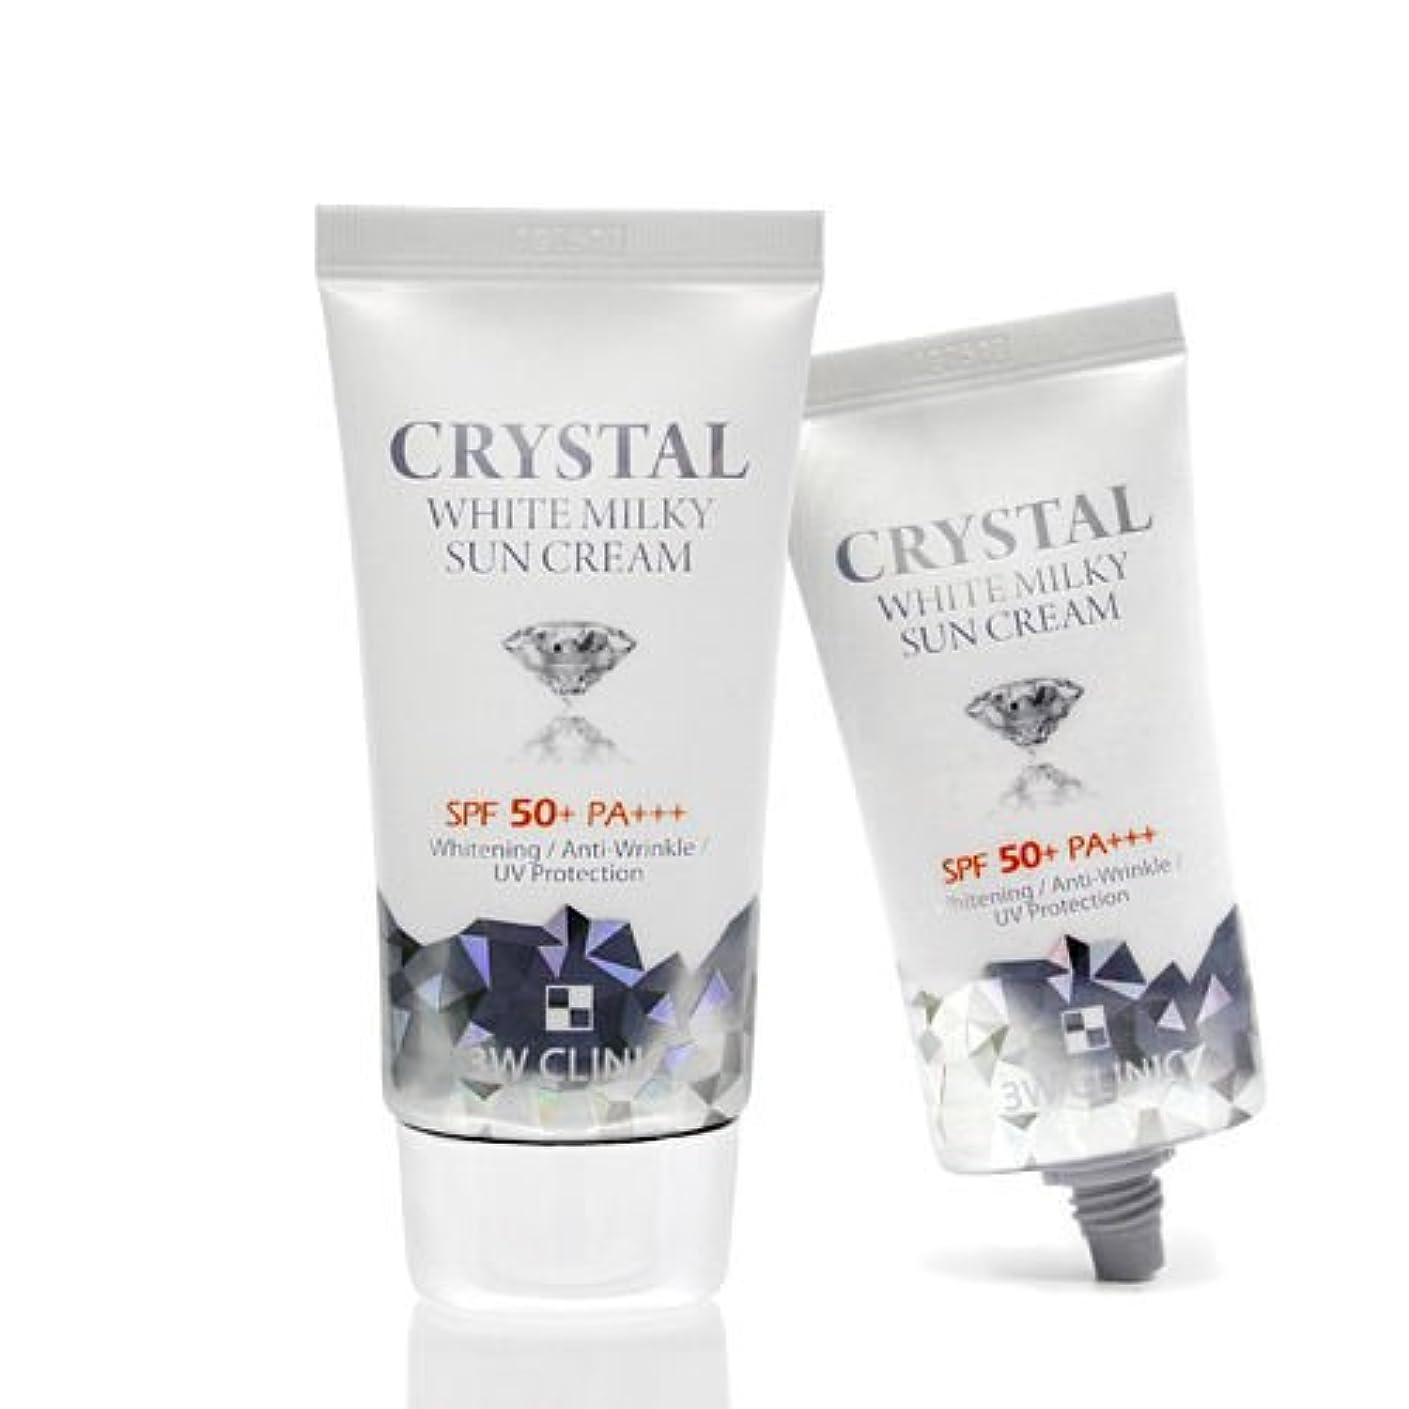 隔離する覚えているびっくり3Wクリニック[韓国コスメ3w Clinic]Crystal White Milky Sun Cream クリスタルホワイトミルキー 日焼け止めクリーム50ml[並行輸入品]